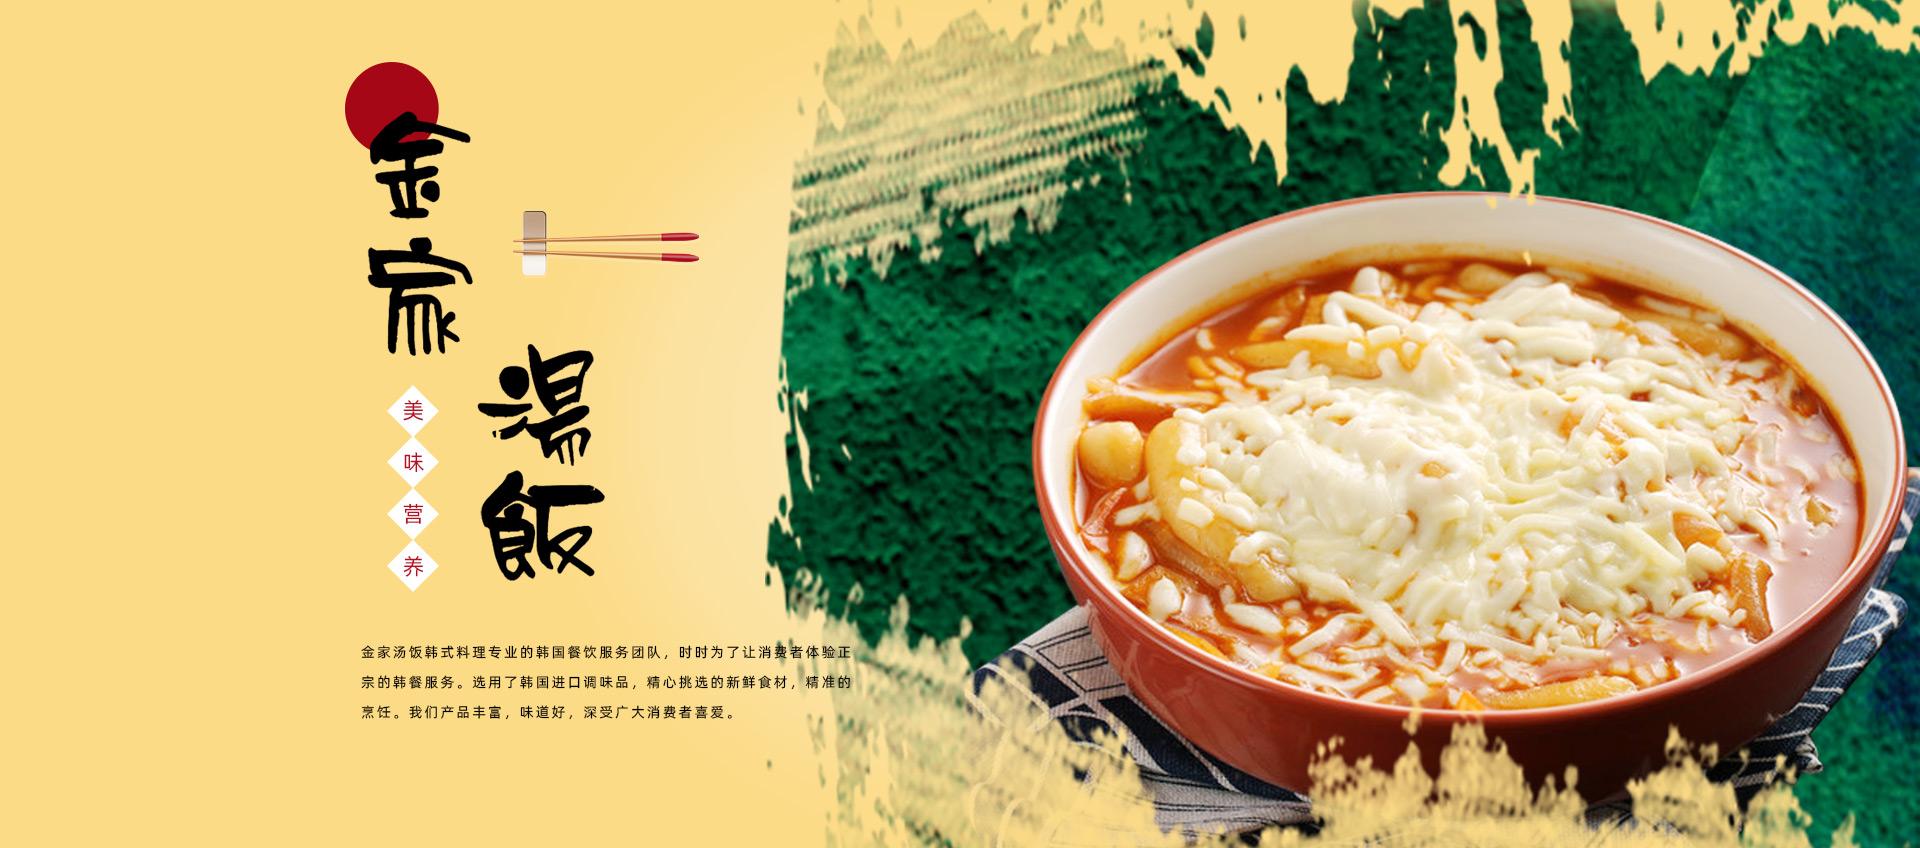 石锅拌饭外卖订餐_餐饮服务-金家汤饭韩式料理